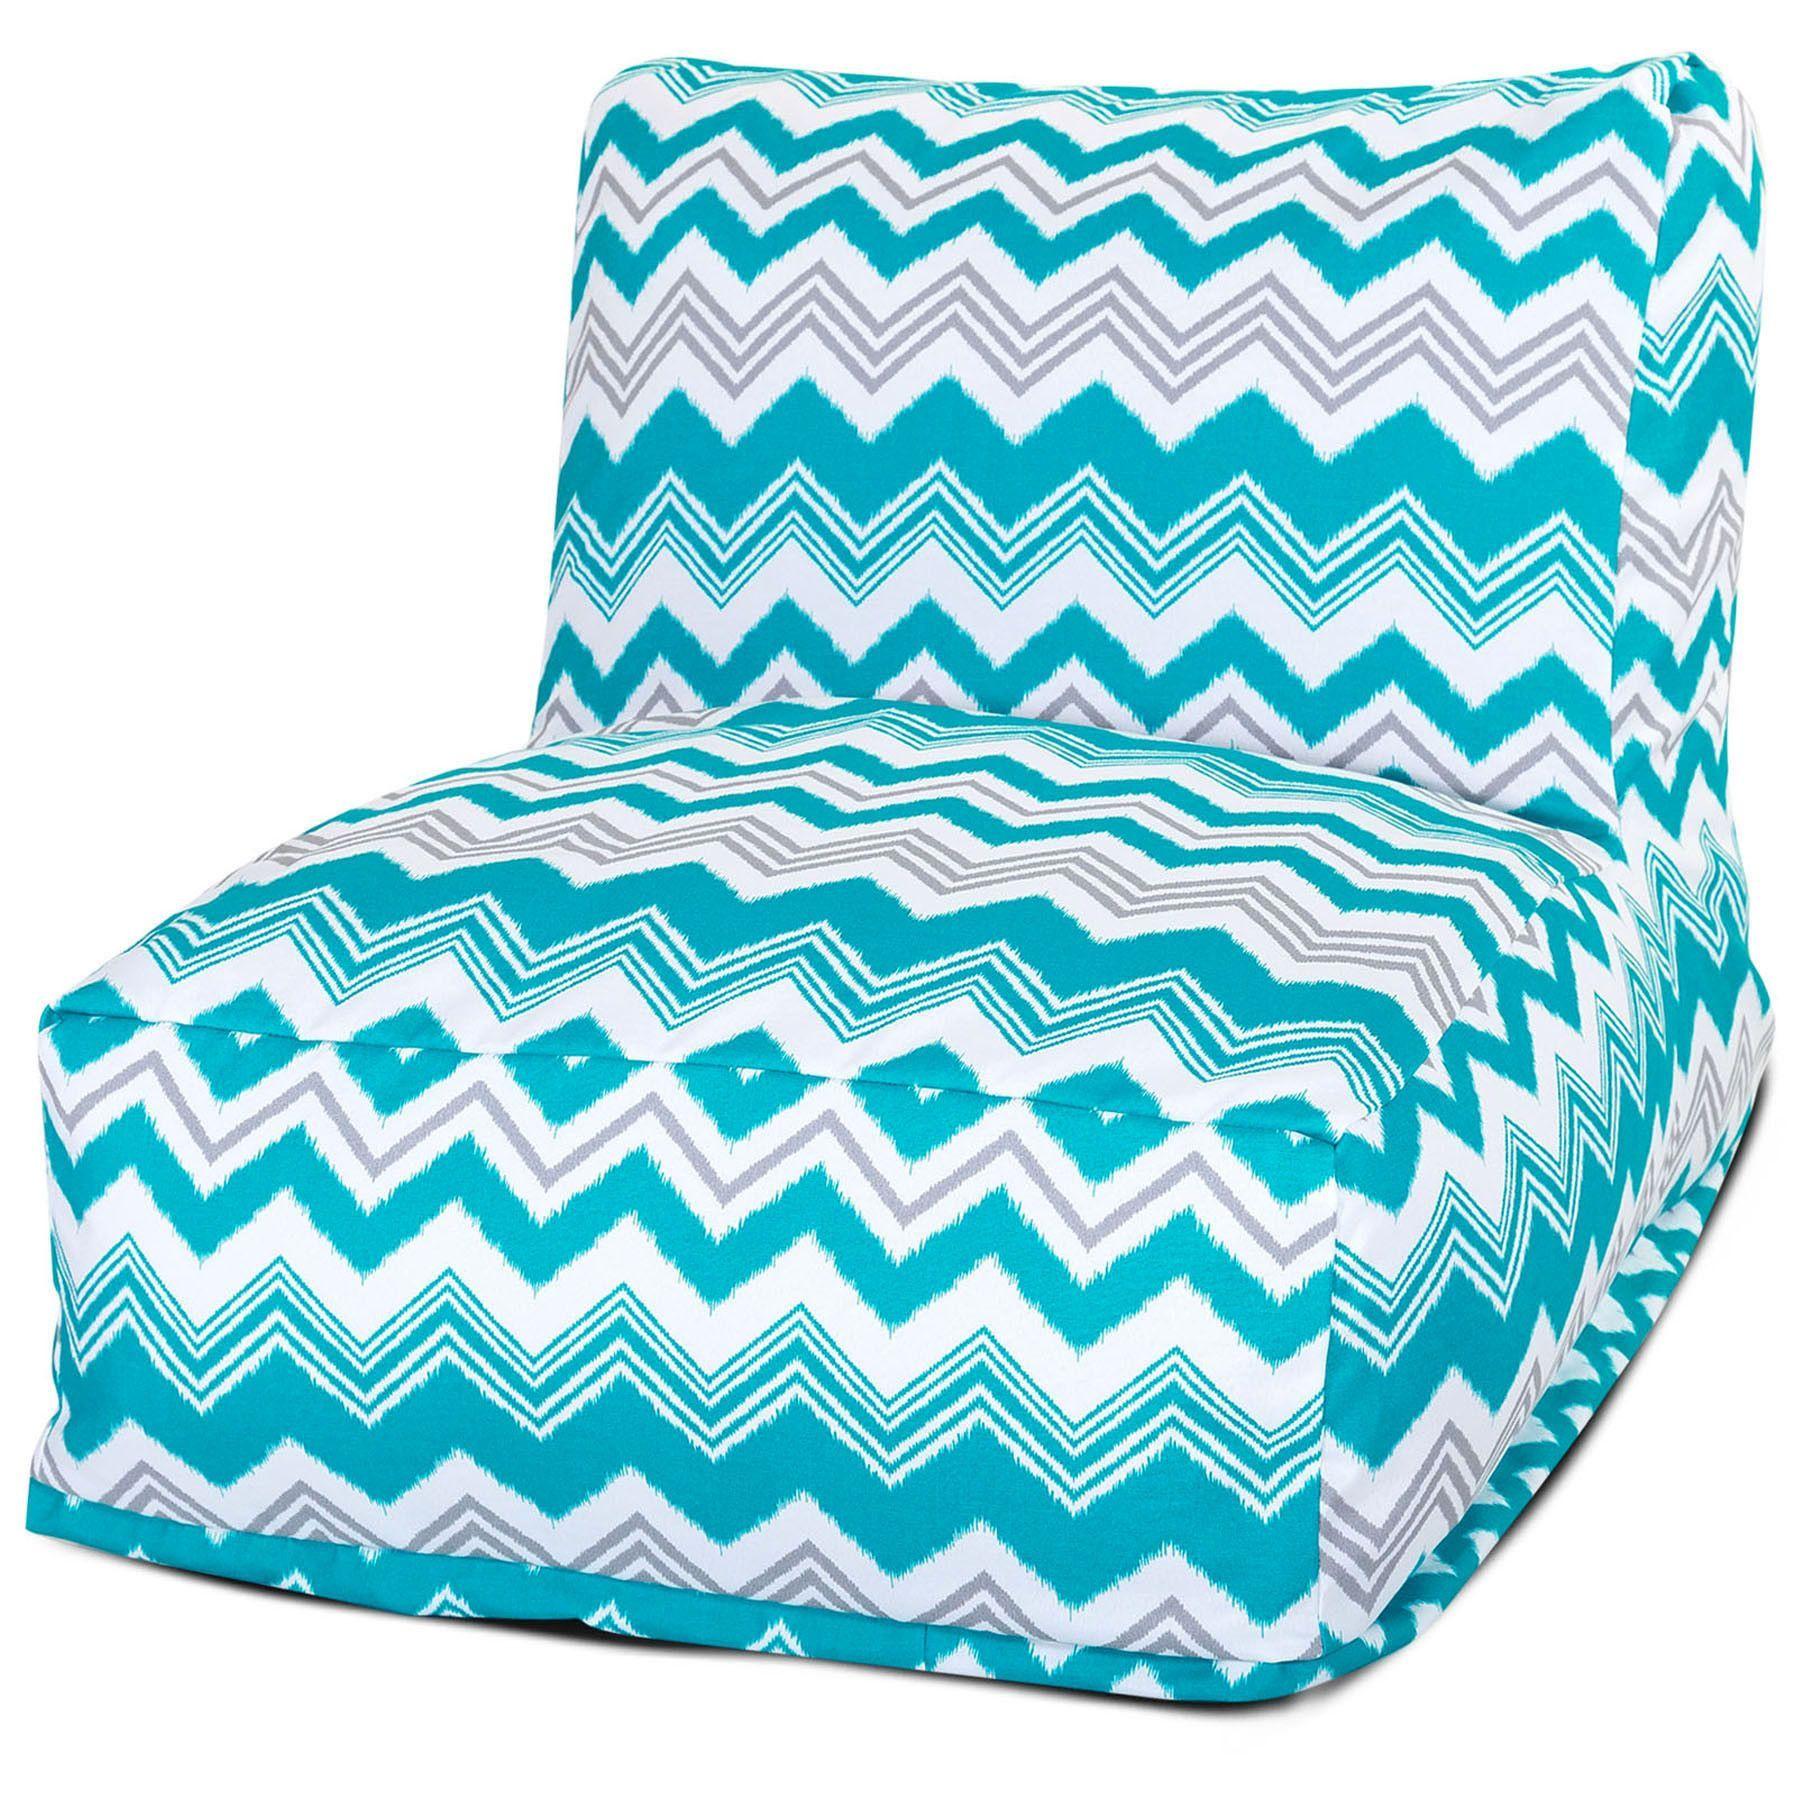 Pacific Zazzle Bean Bag Chair Lounger